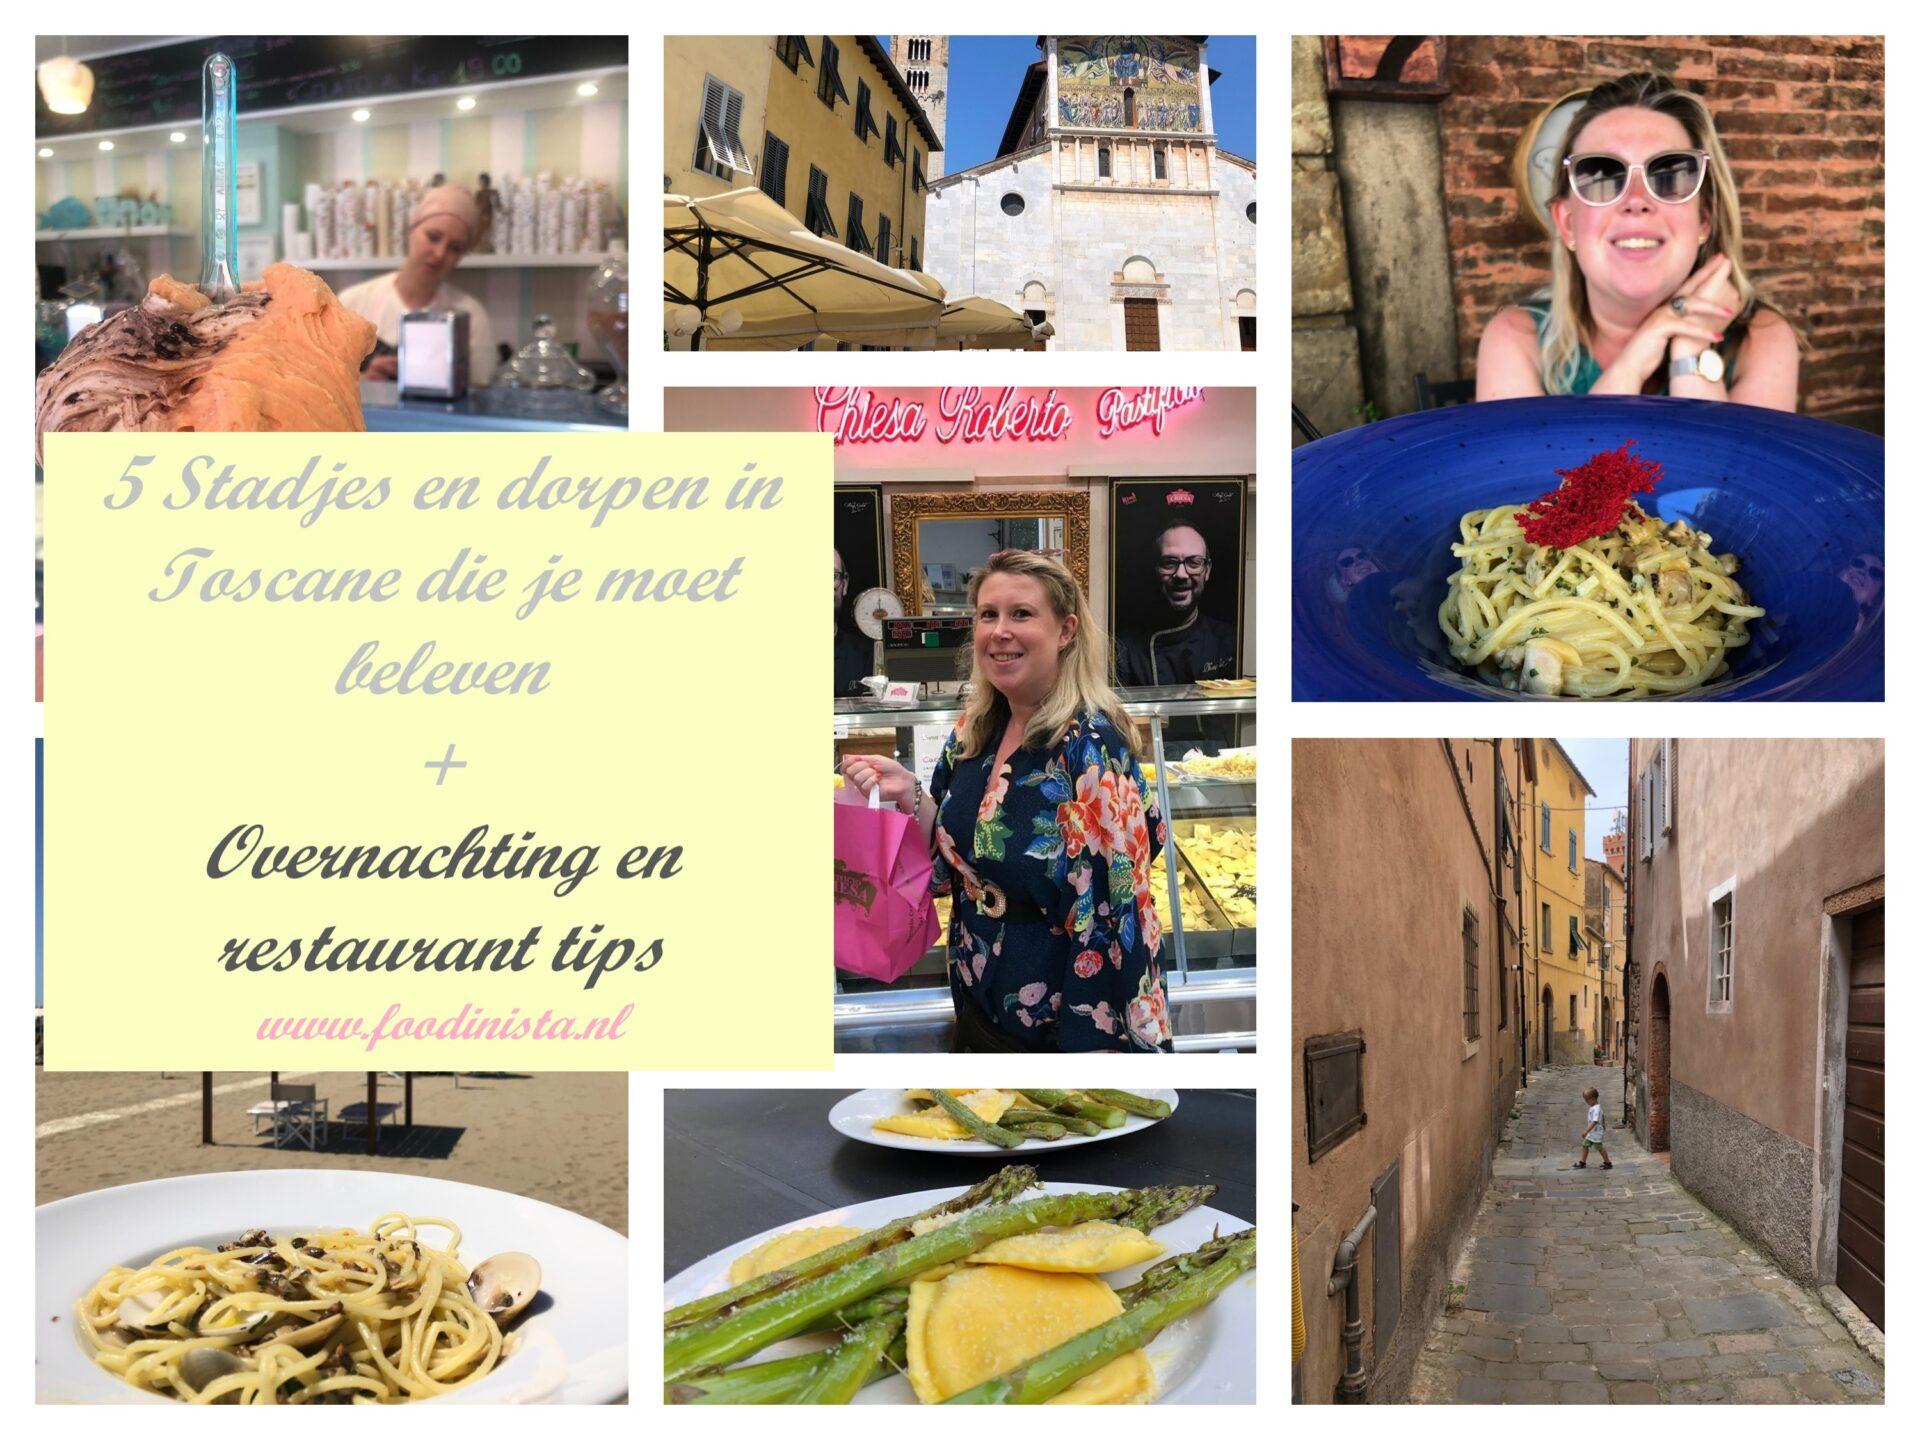 5 Stadjes en dorpjes in Toscane die je moet zien! + Overnachting tips